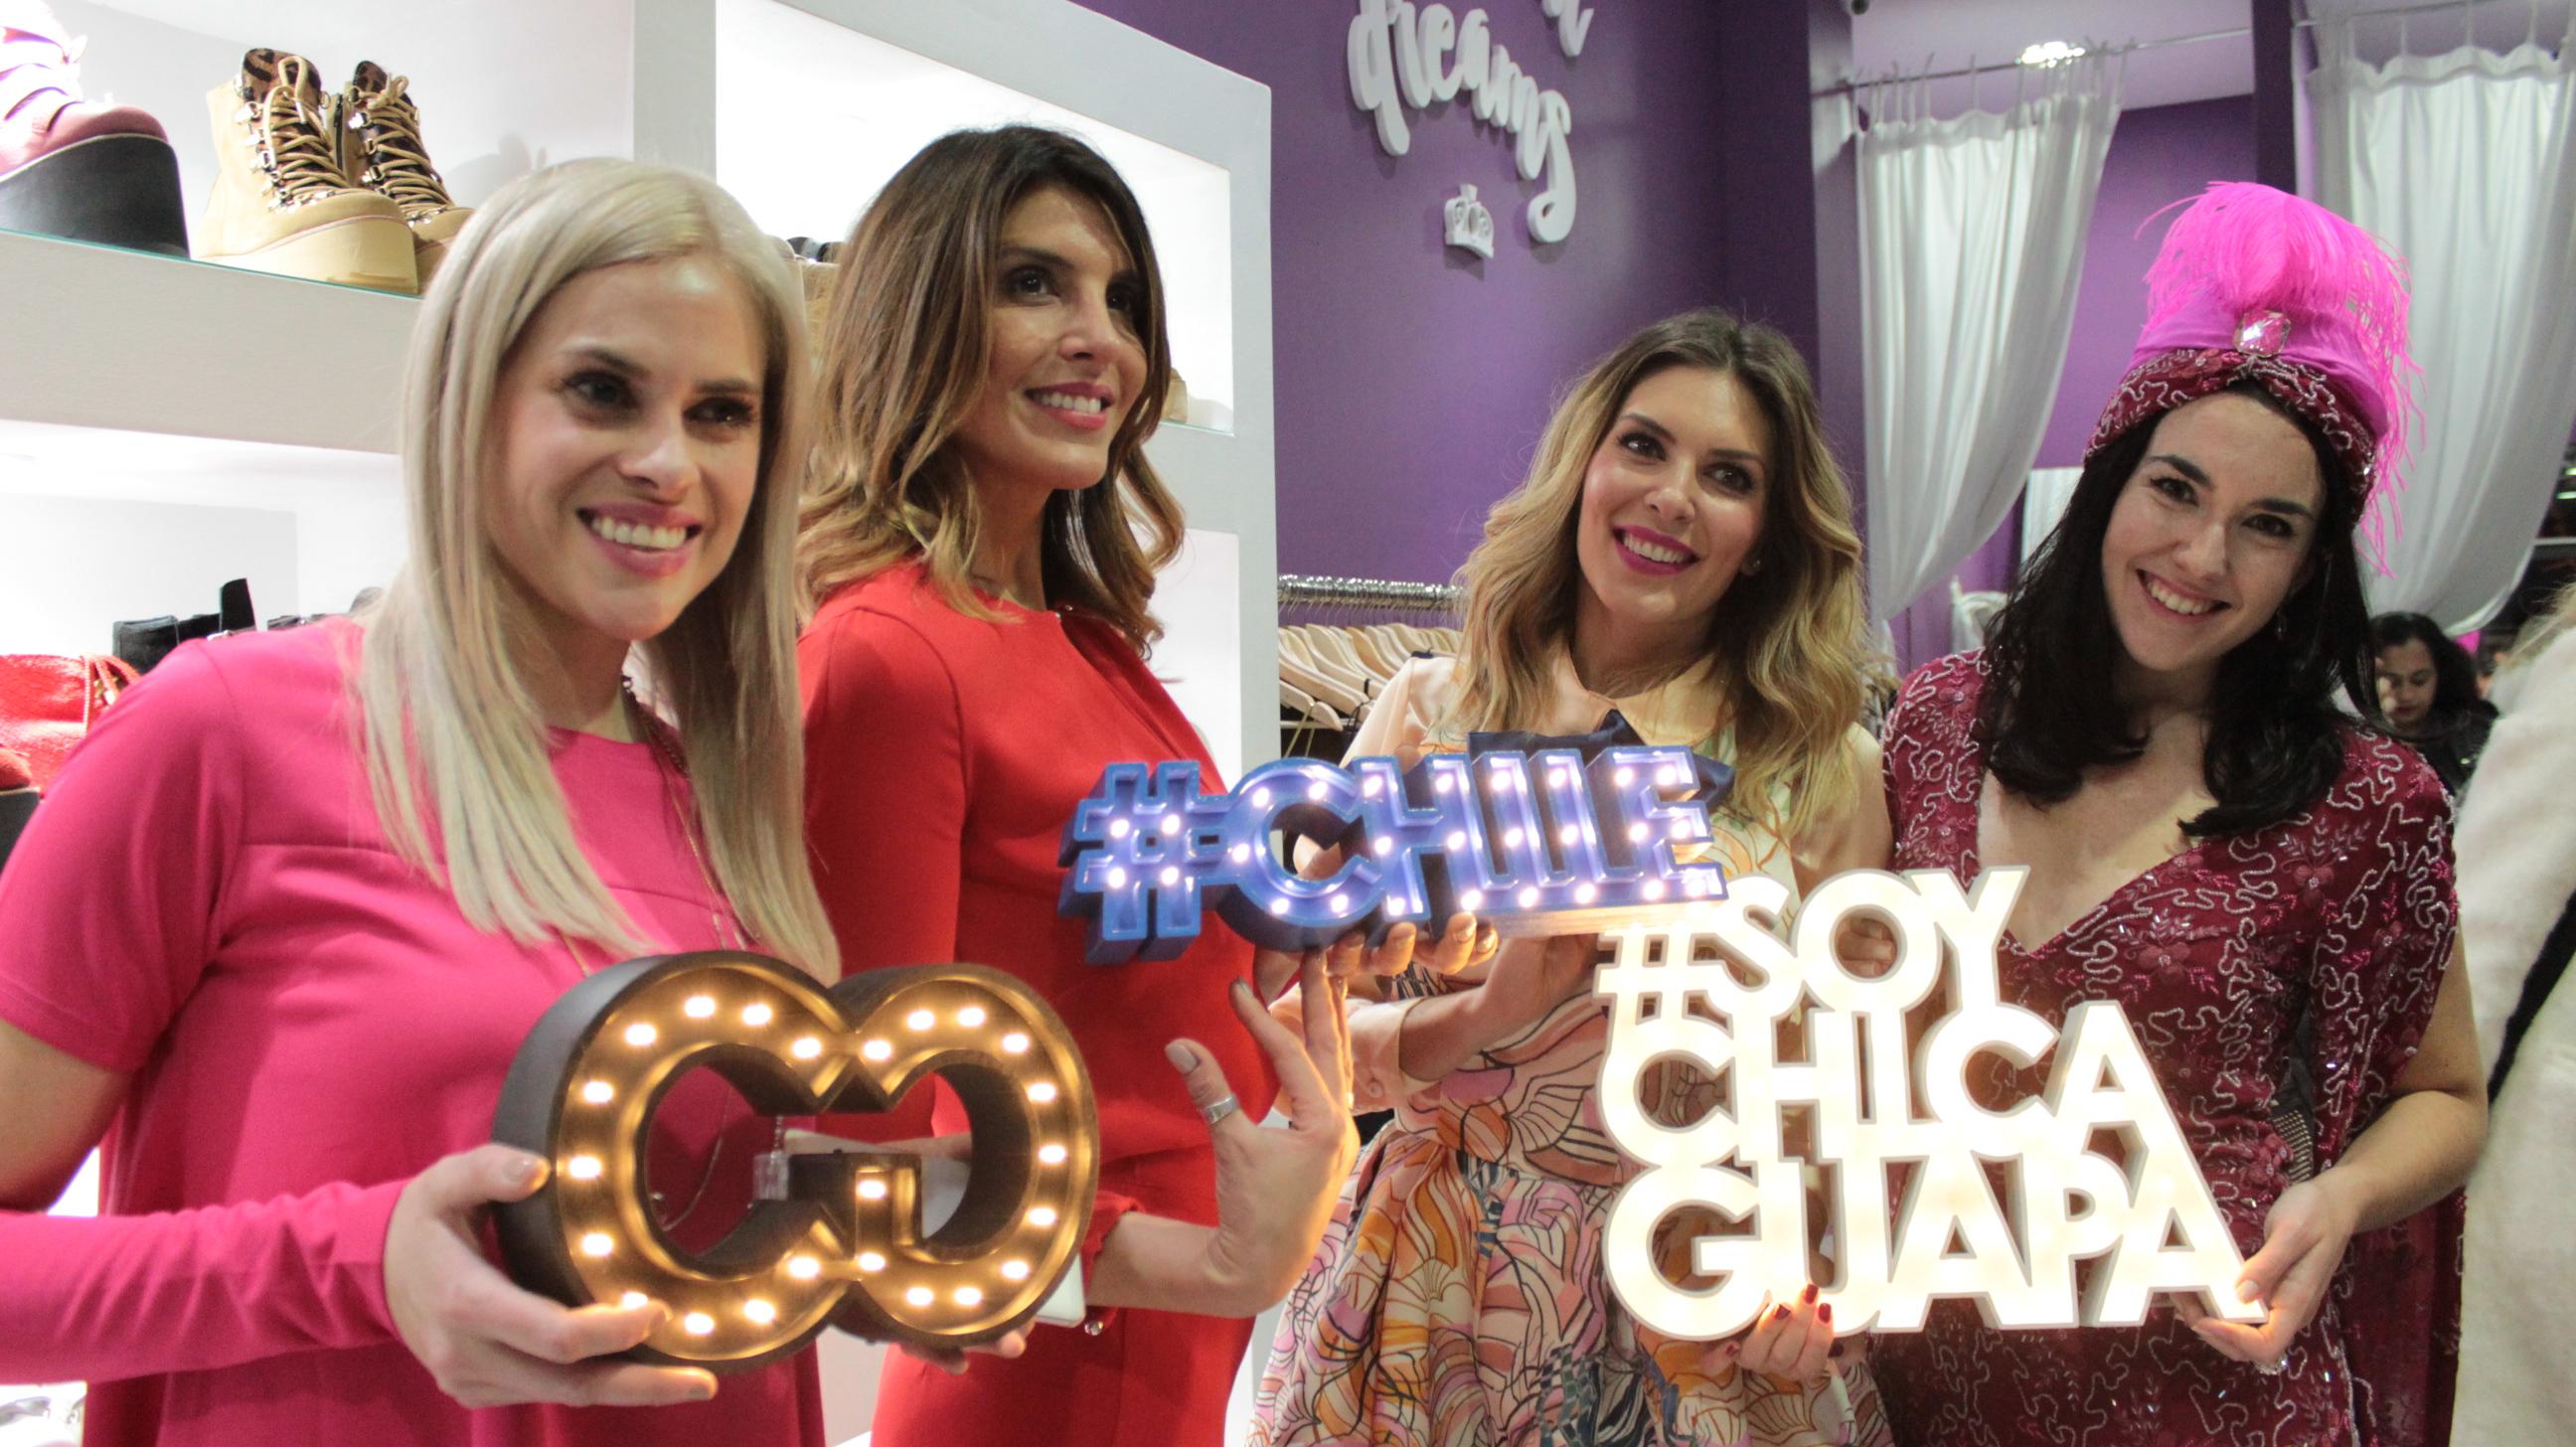 #ChicasGuapasChile Lanzamiento junto a Sofi de Grecia + Delfi Ferrari